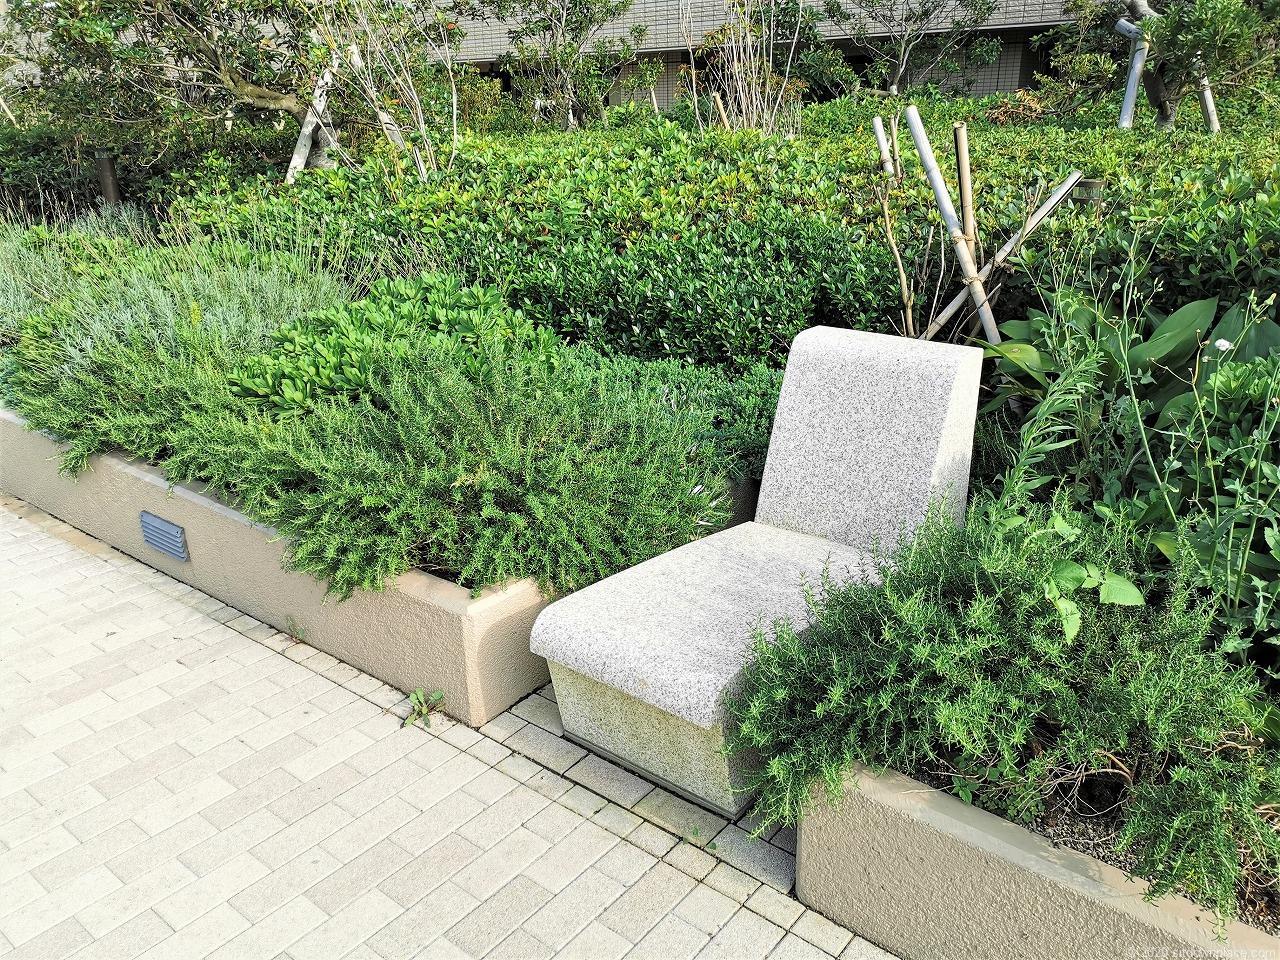 武蔵小杉駅 パークシティ ザ・ガーデン 屋上広場の石材イス横から